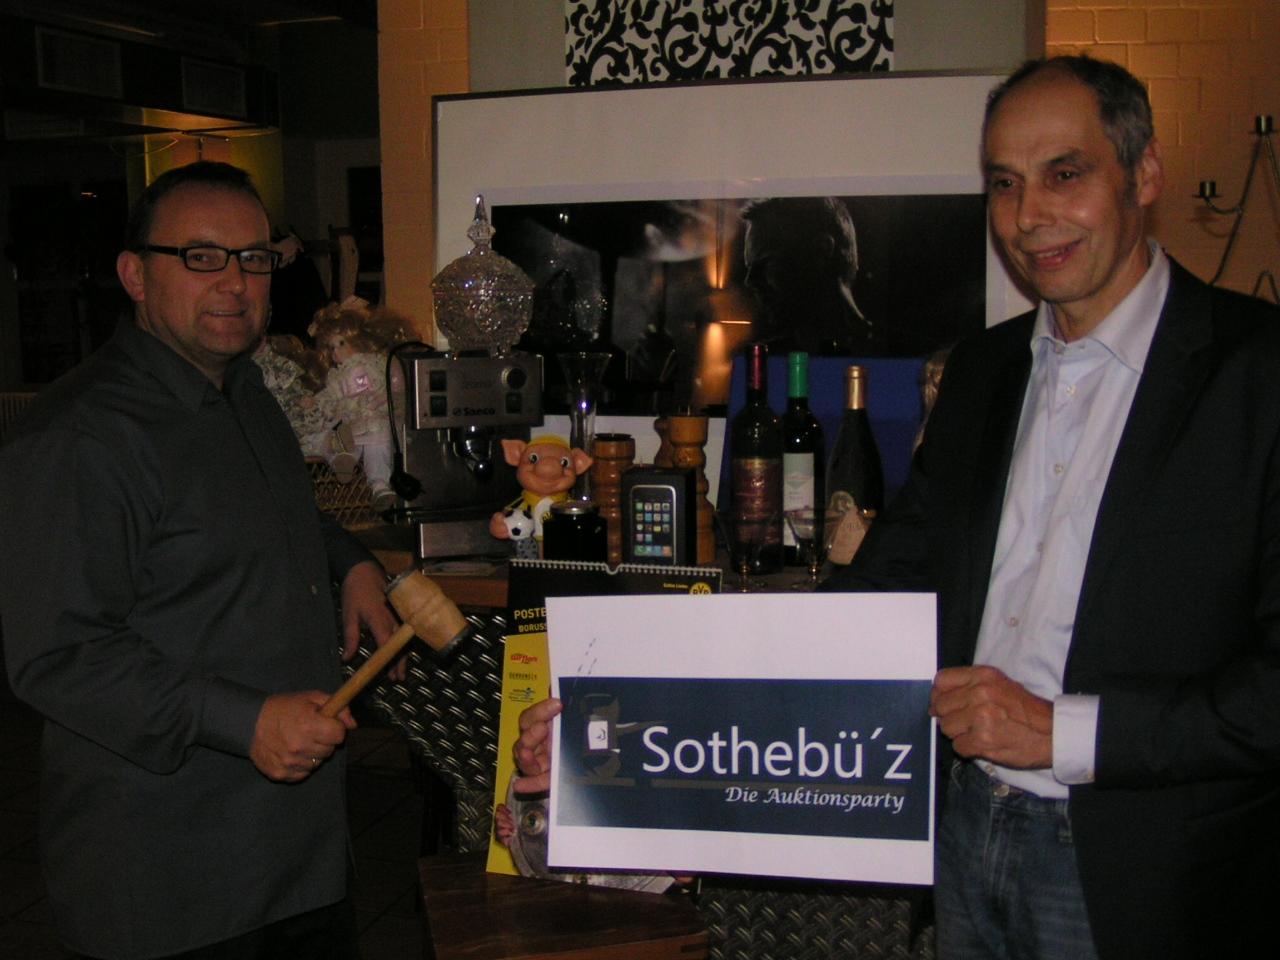 SotheBÜZ – die Auktionsparty!